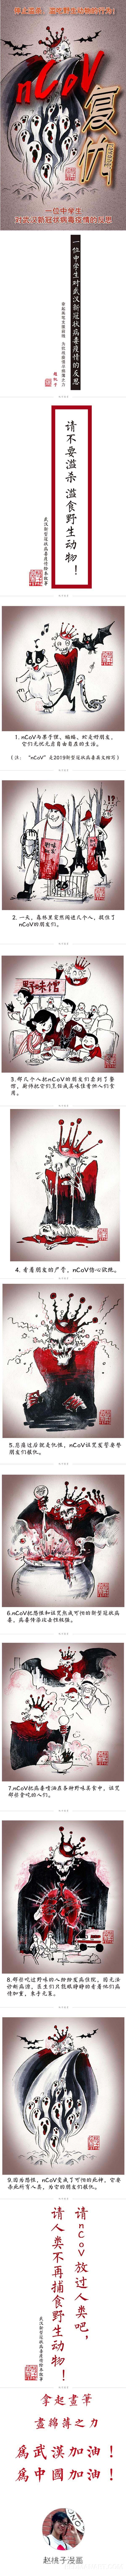 5天津--赵强--复仇-- 竖长图-赵桃子 15岁.jpg